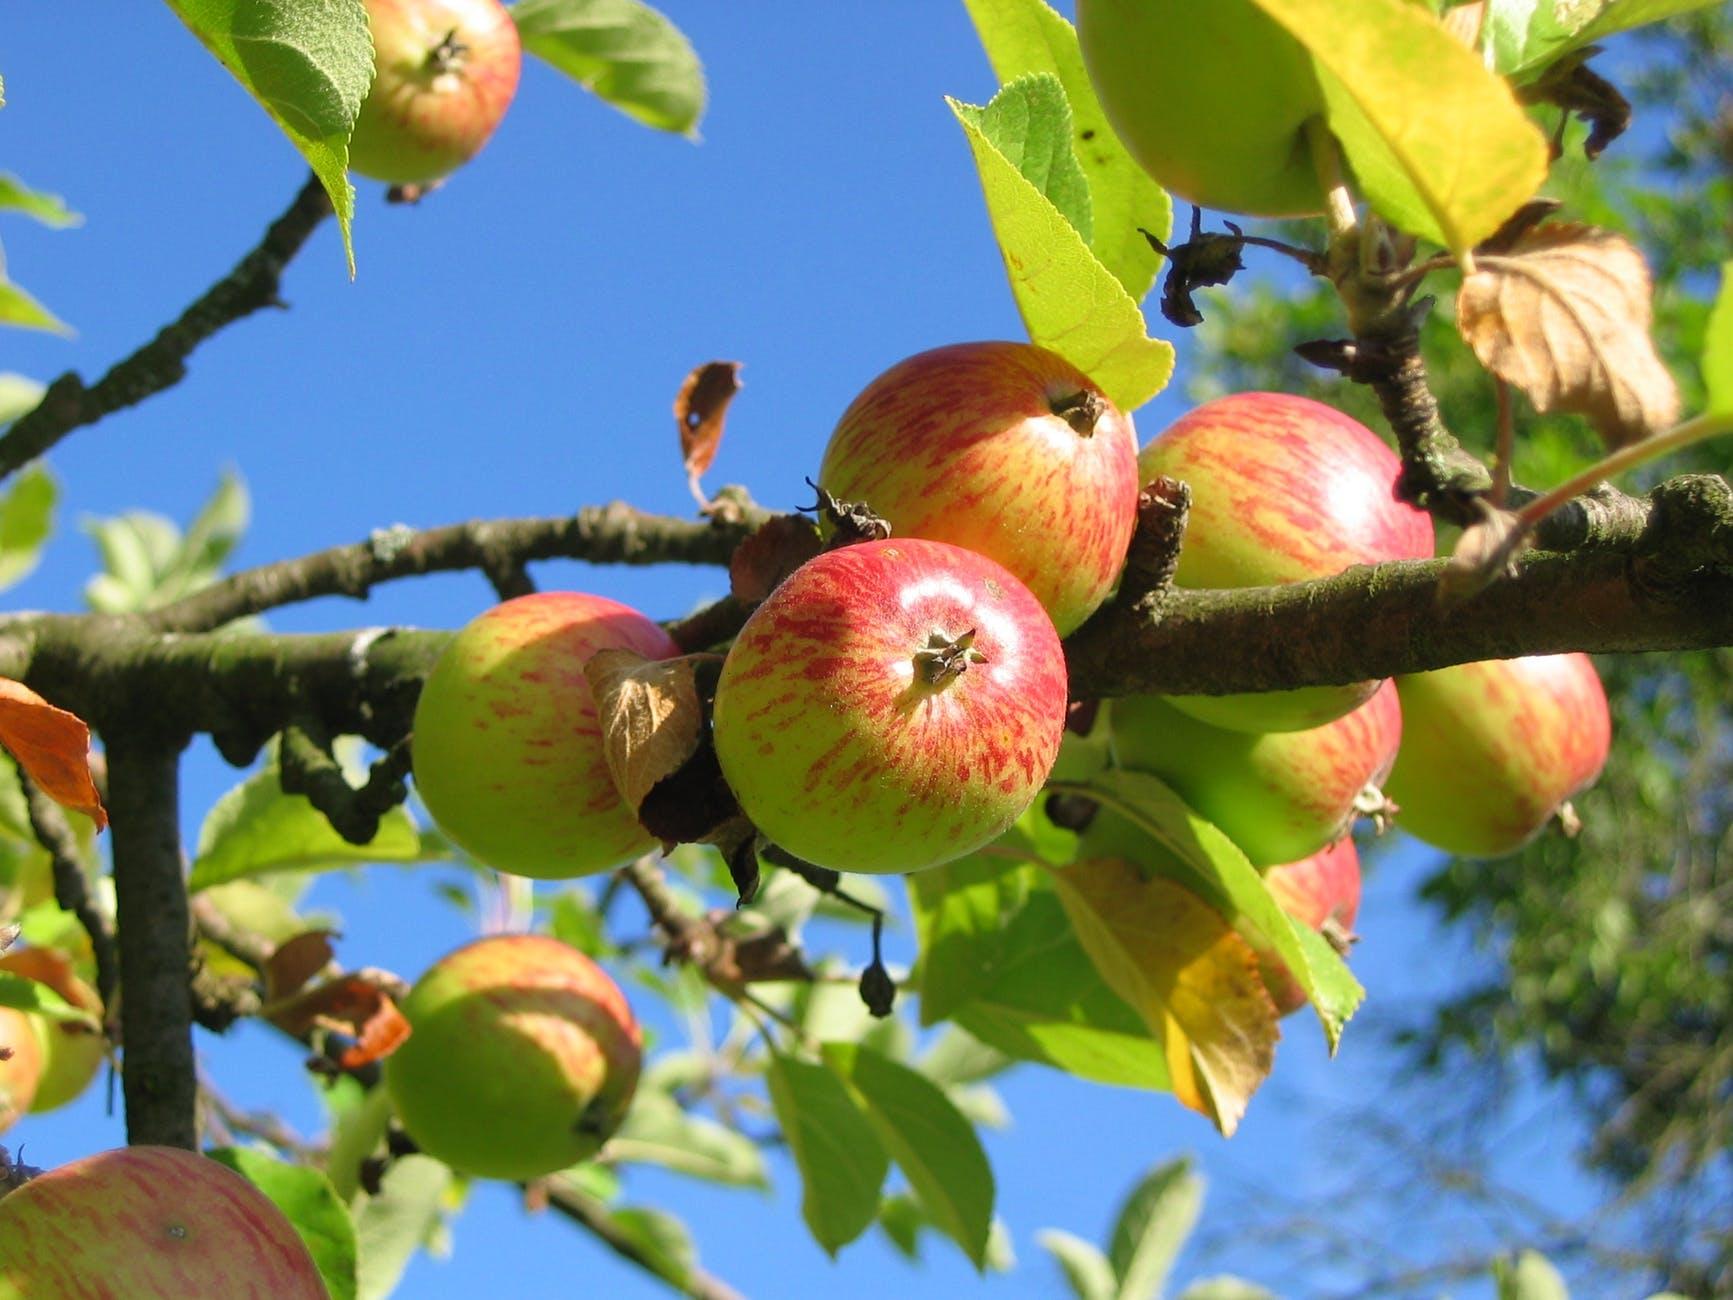 apple-tree-orchard-apfelernte-54629.jpeg